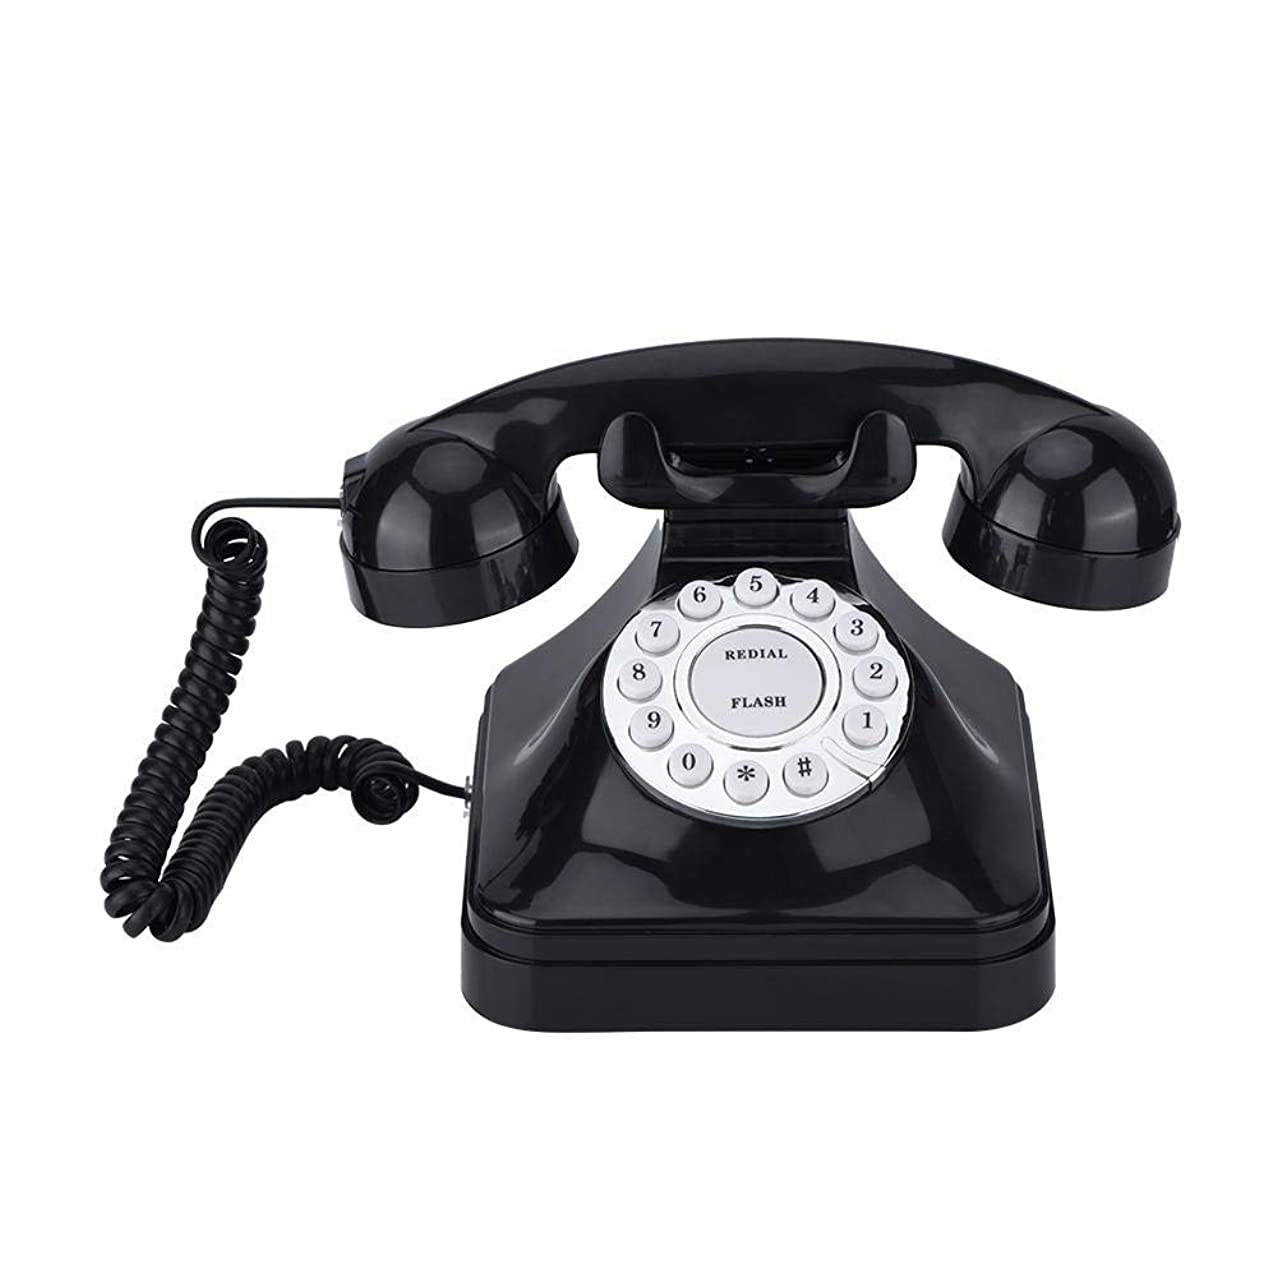 オプション有効害SoarUp 固定電話 電話機 レトロ電話 有線電話 フラッシュ?リダイヤル?スペア 使いやすい プラスチック製 ブラック